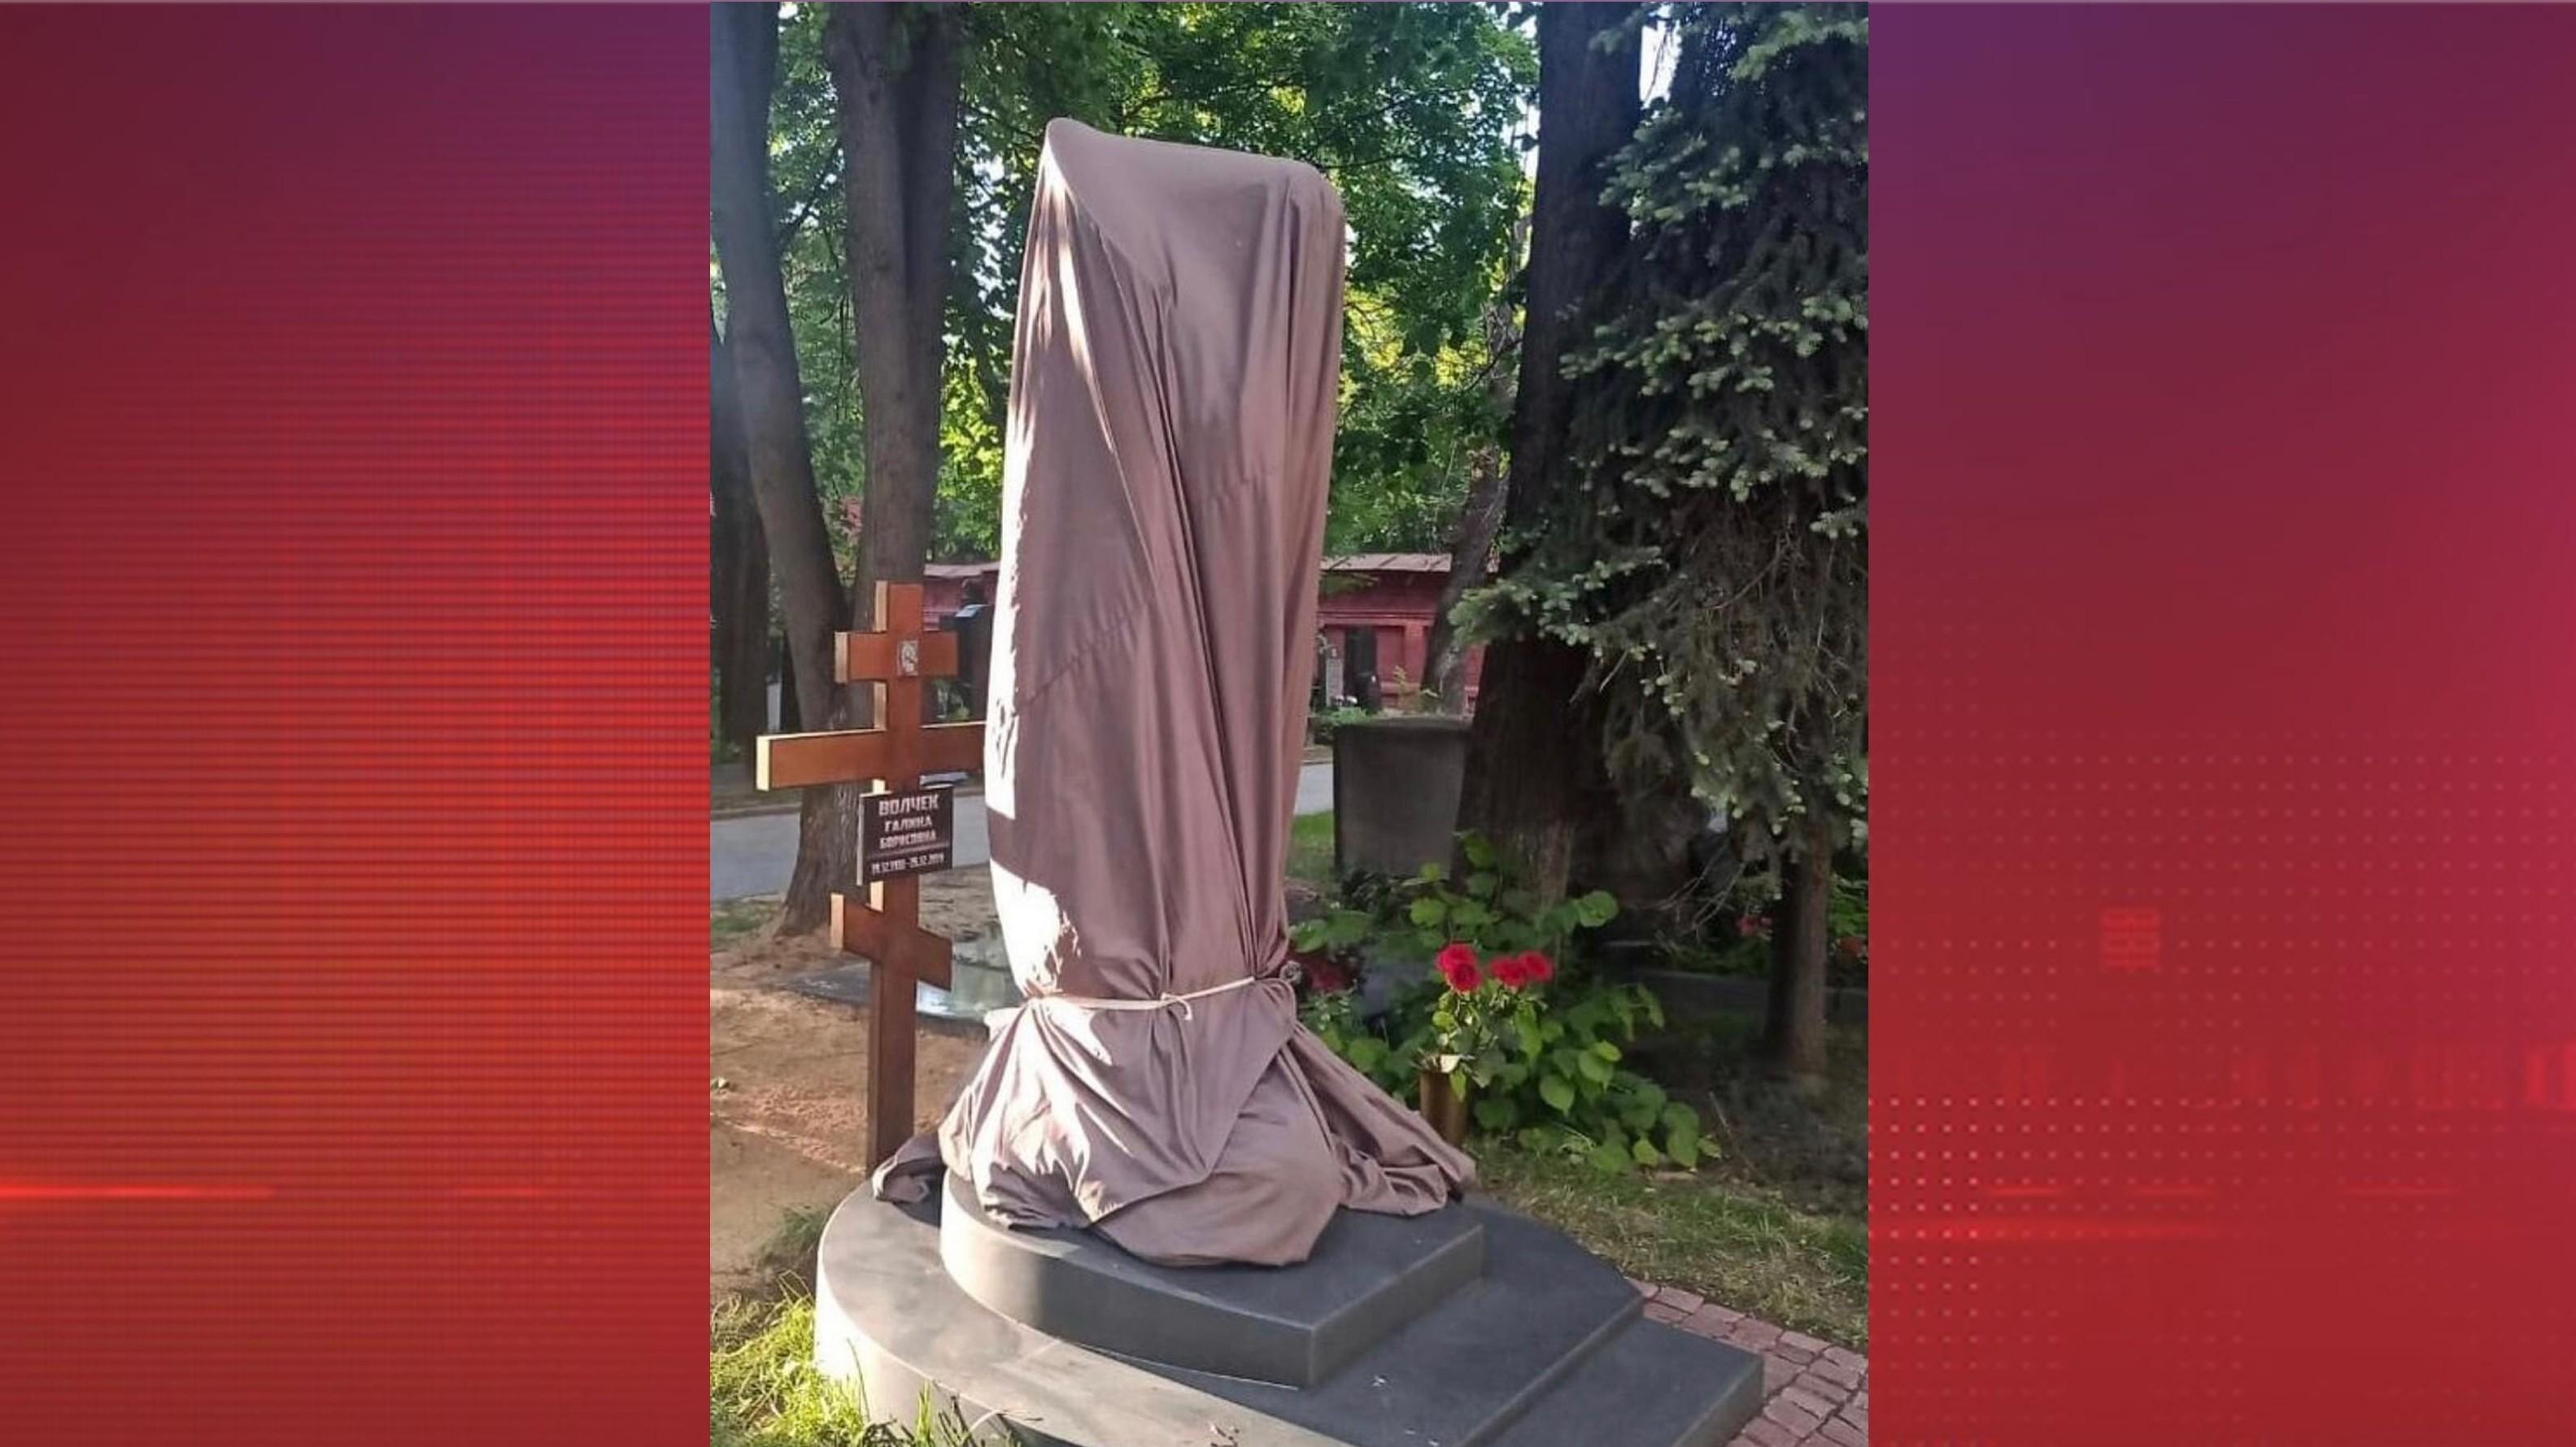 «Раз стоит — значит, так надо» — Лена Миро о скандале с памятником Галины Волчек